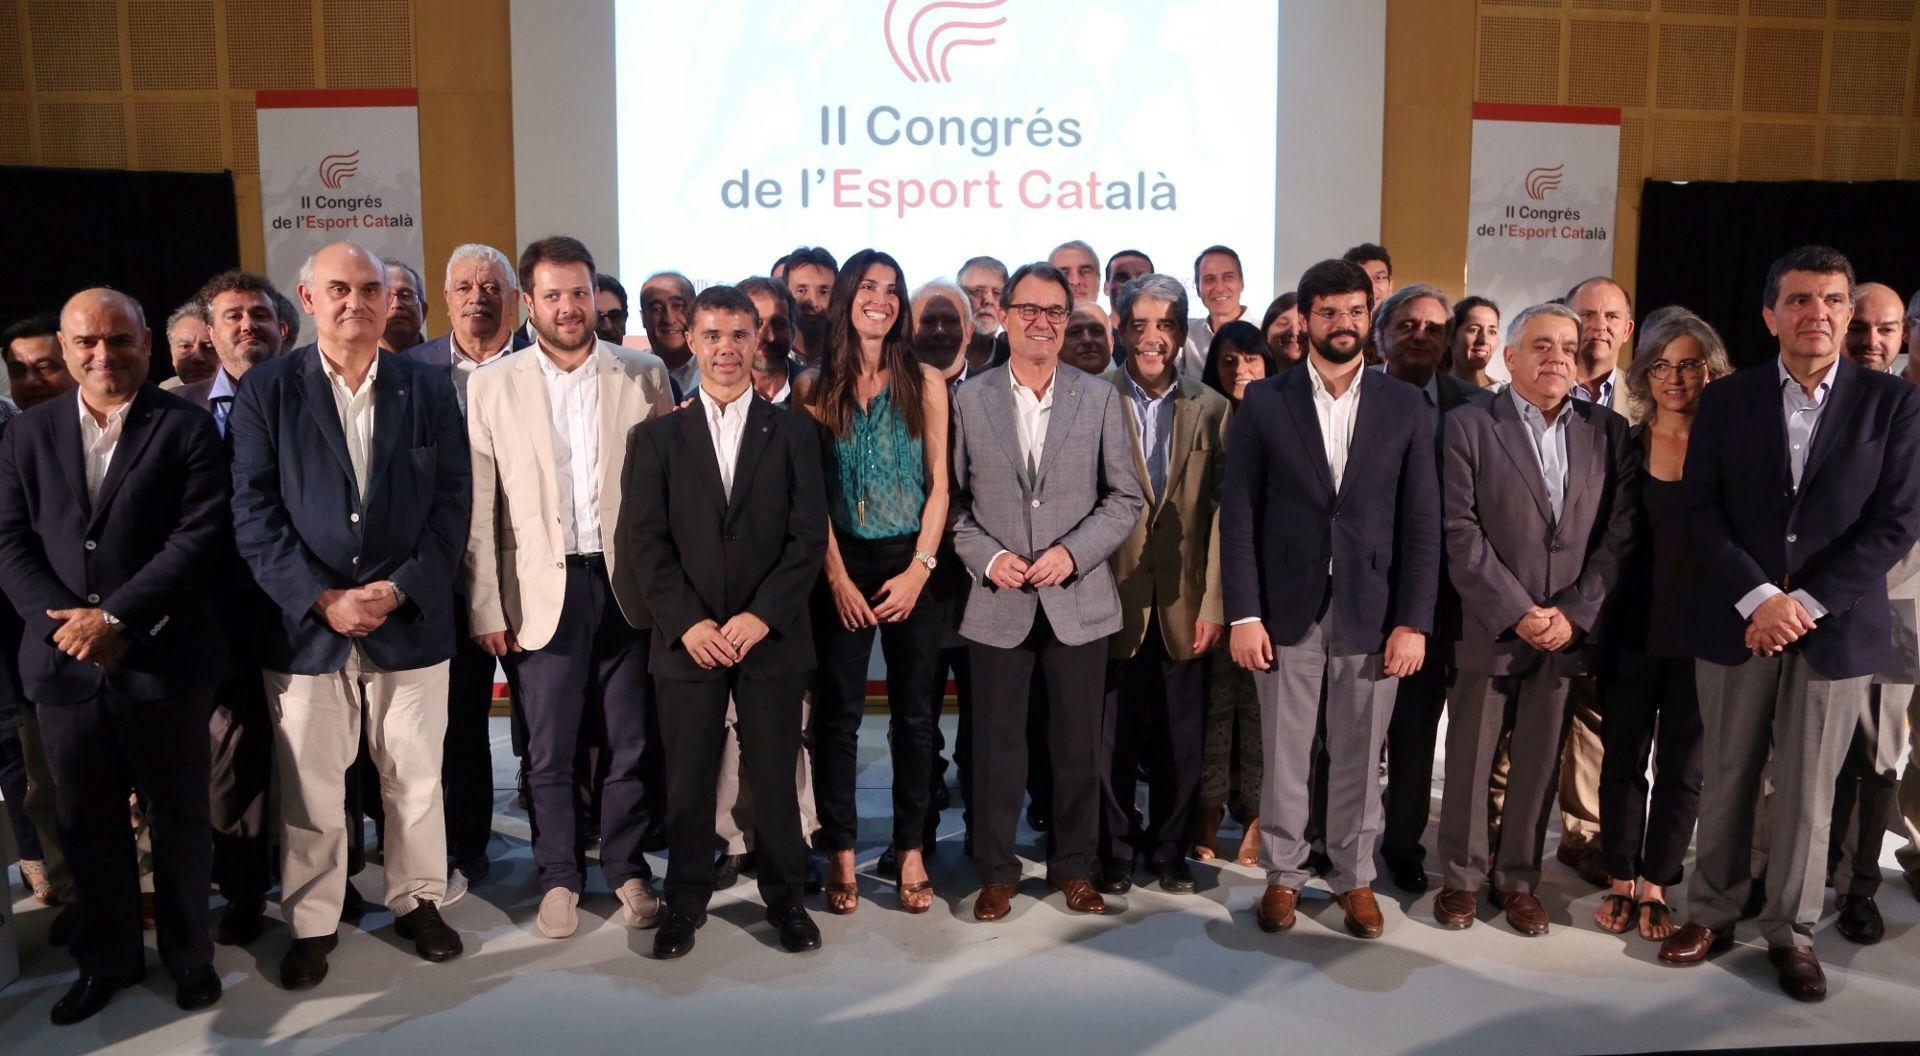 El CVB a la cloenda del II Congrés de l'Esport Català